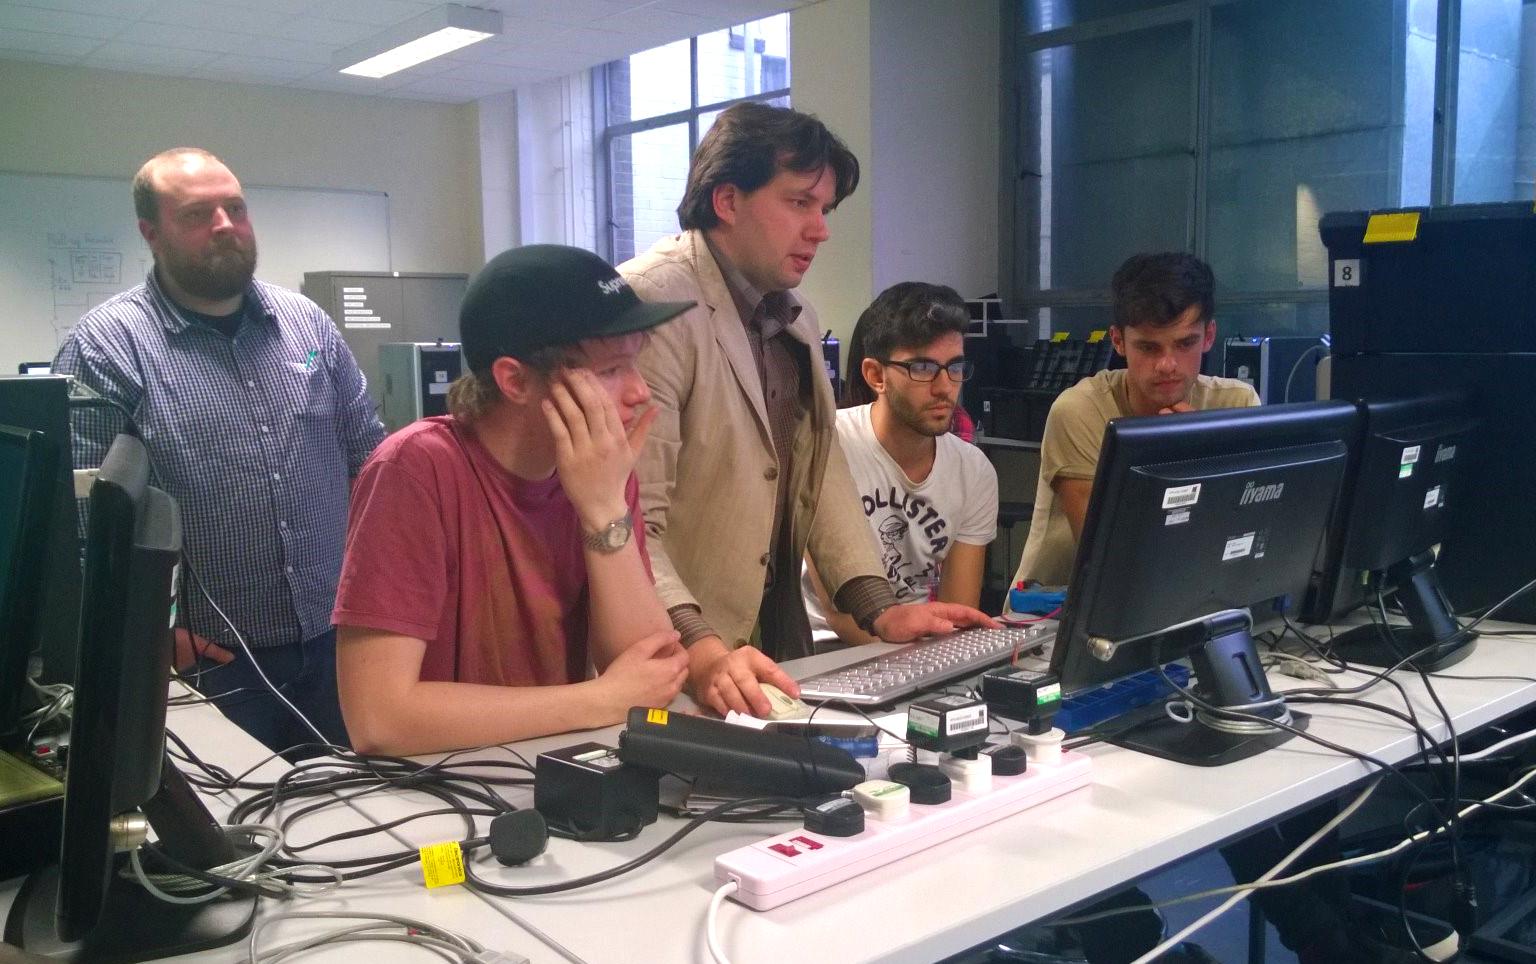 Kuva 2. Laboratorioissa tehdään tuttuun tapaan ryhmätöitä.